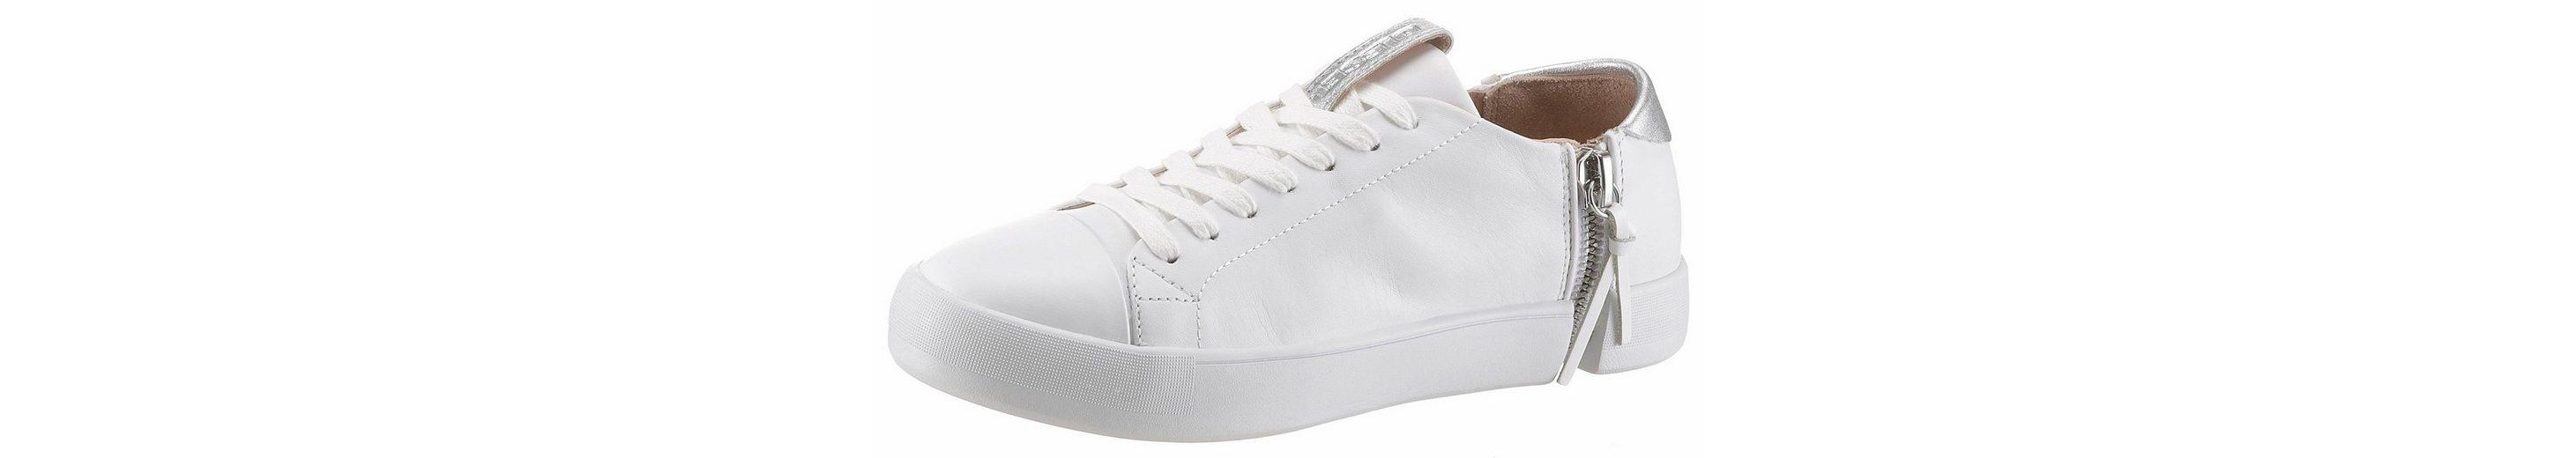 Diesel Zip-Round S-Nentish Lc W Sneaker, mit Rei脽verschluss au脽en